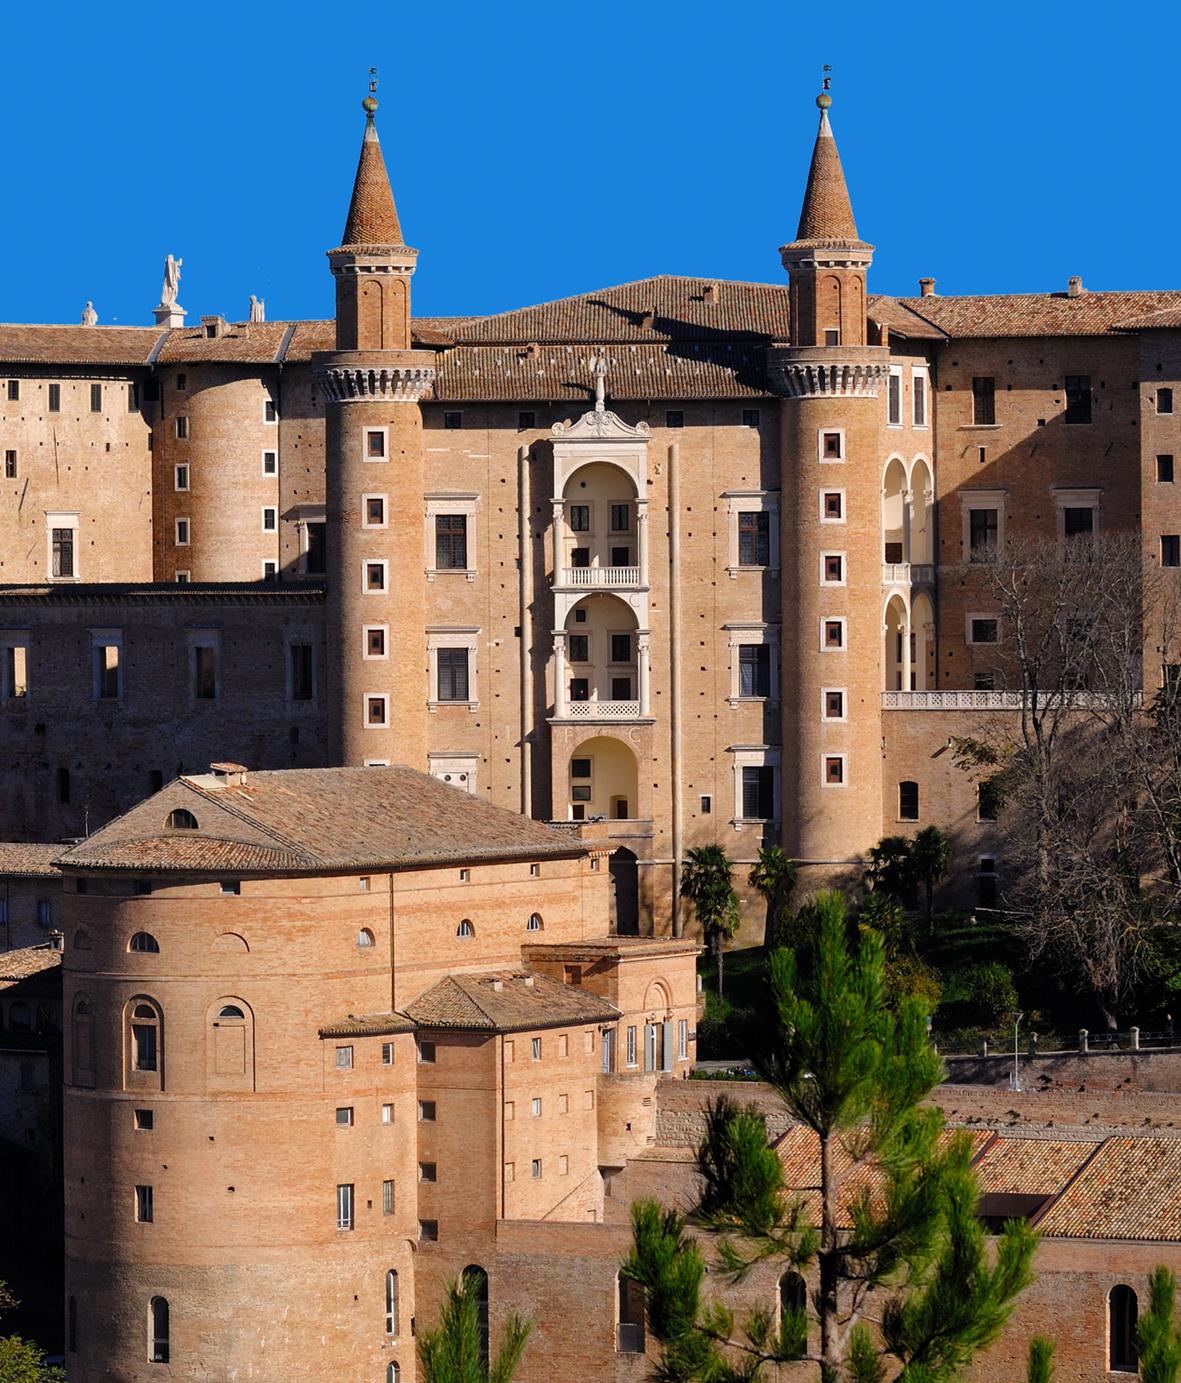 urbino_ducale_facciata_palazzo_ducale